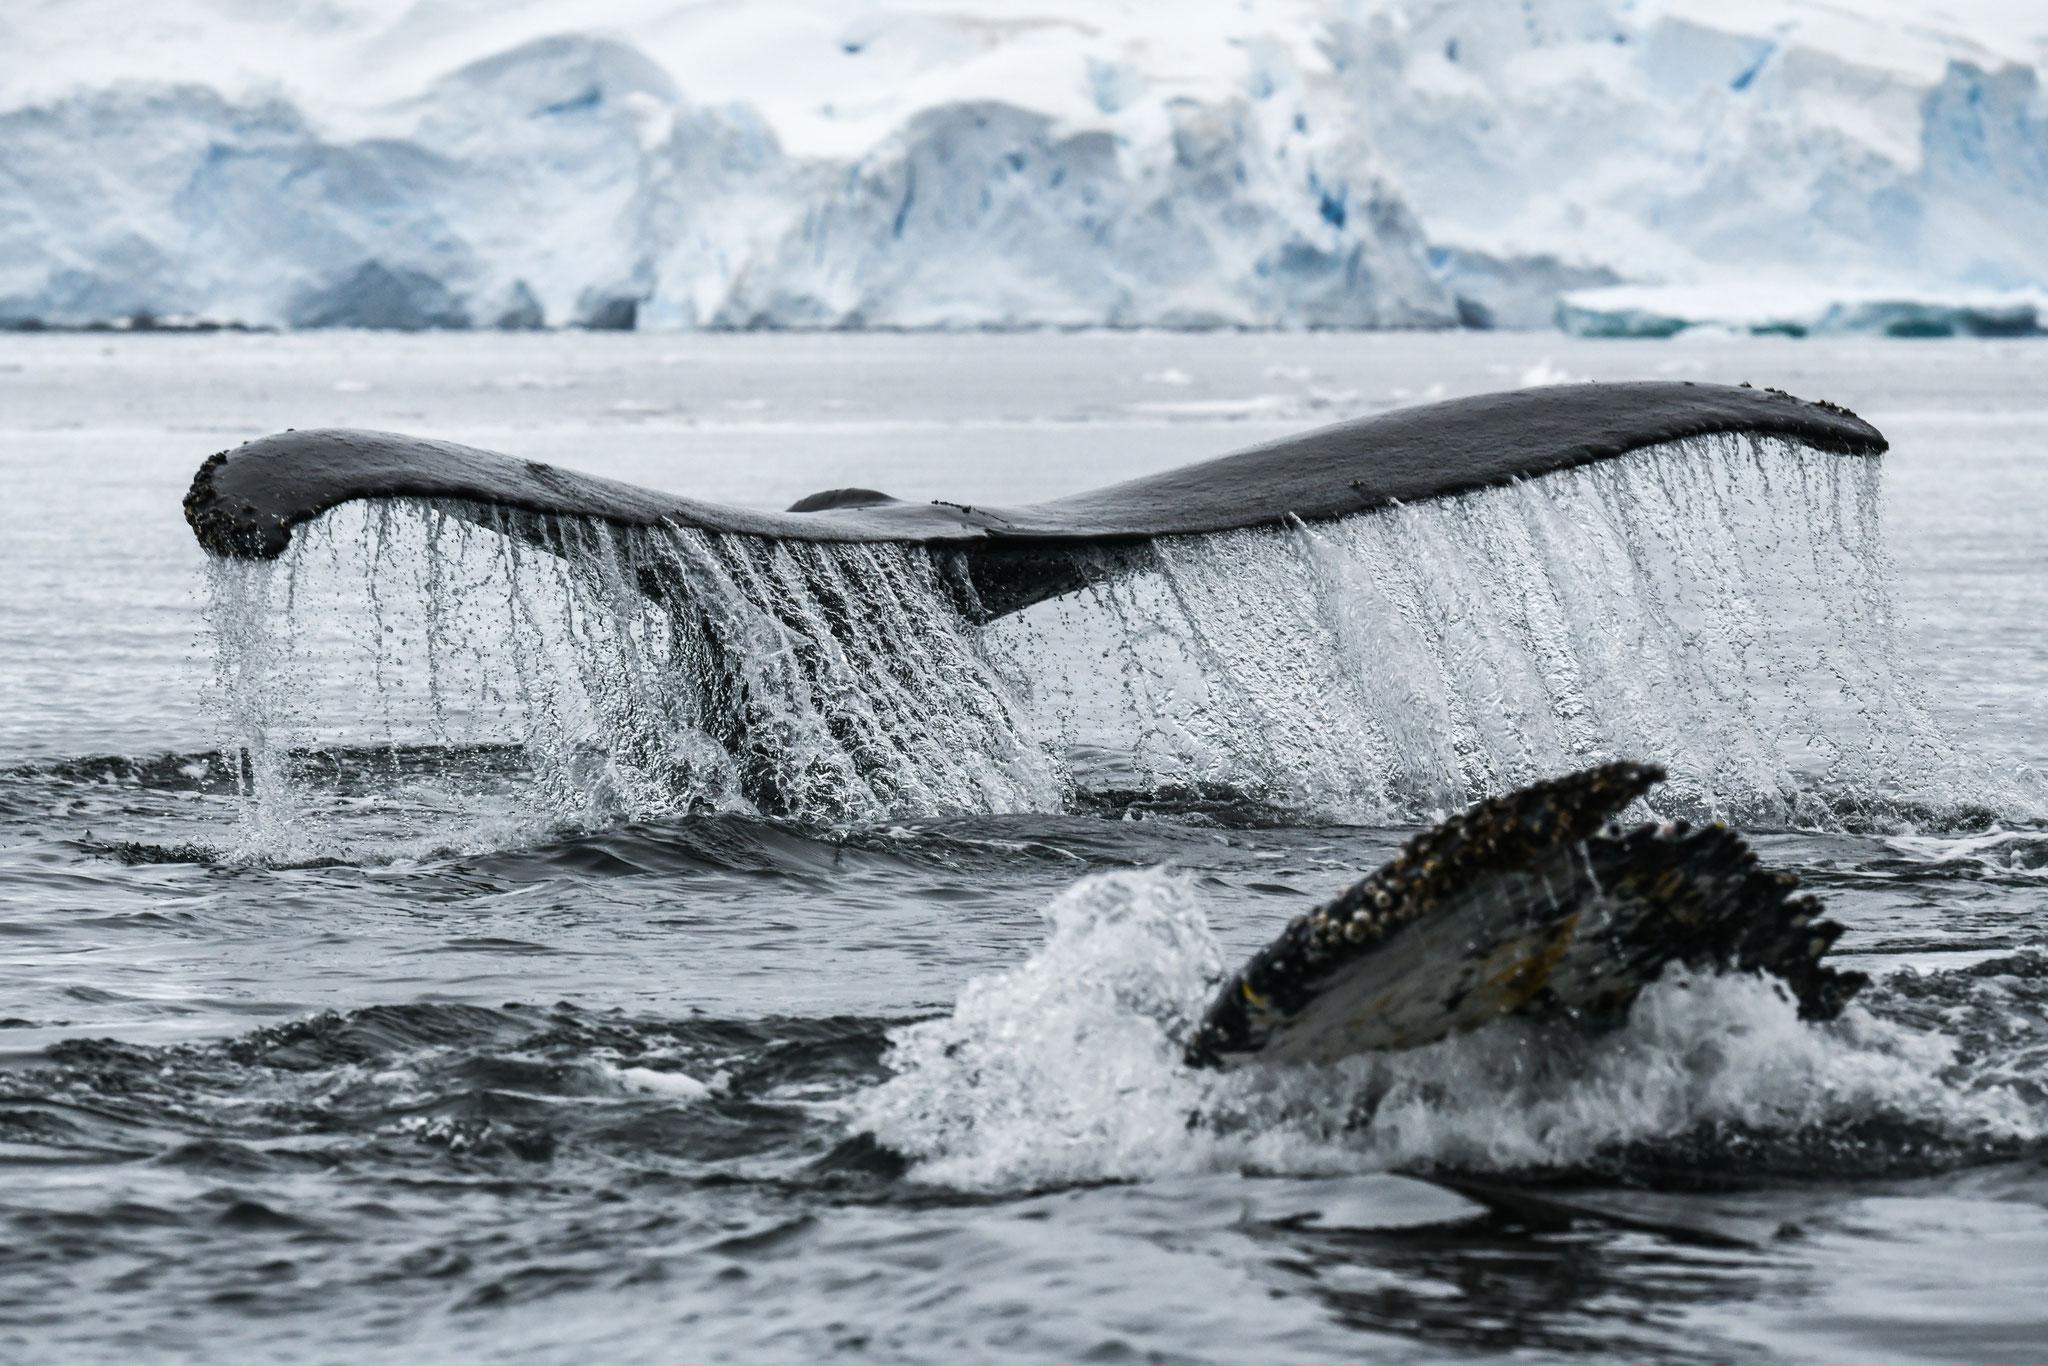 ザトウクジラ HUMPBACK WHALES